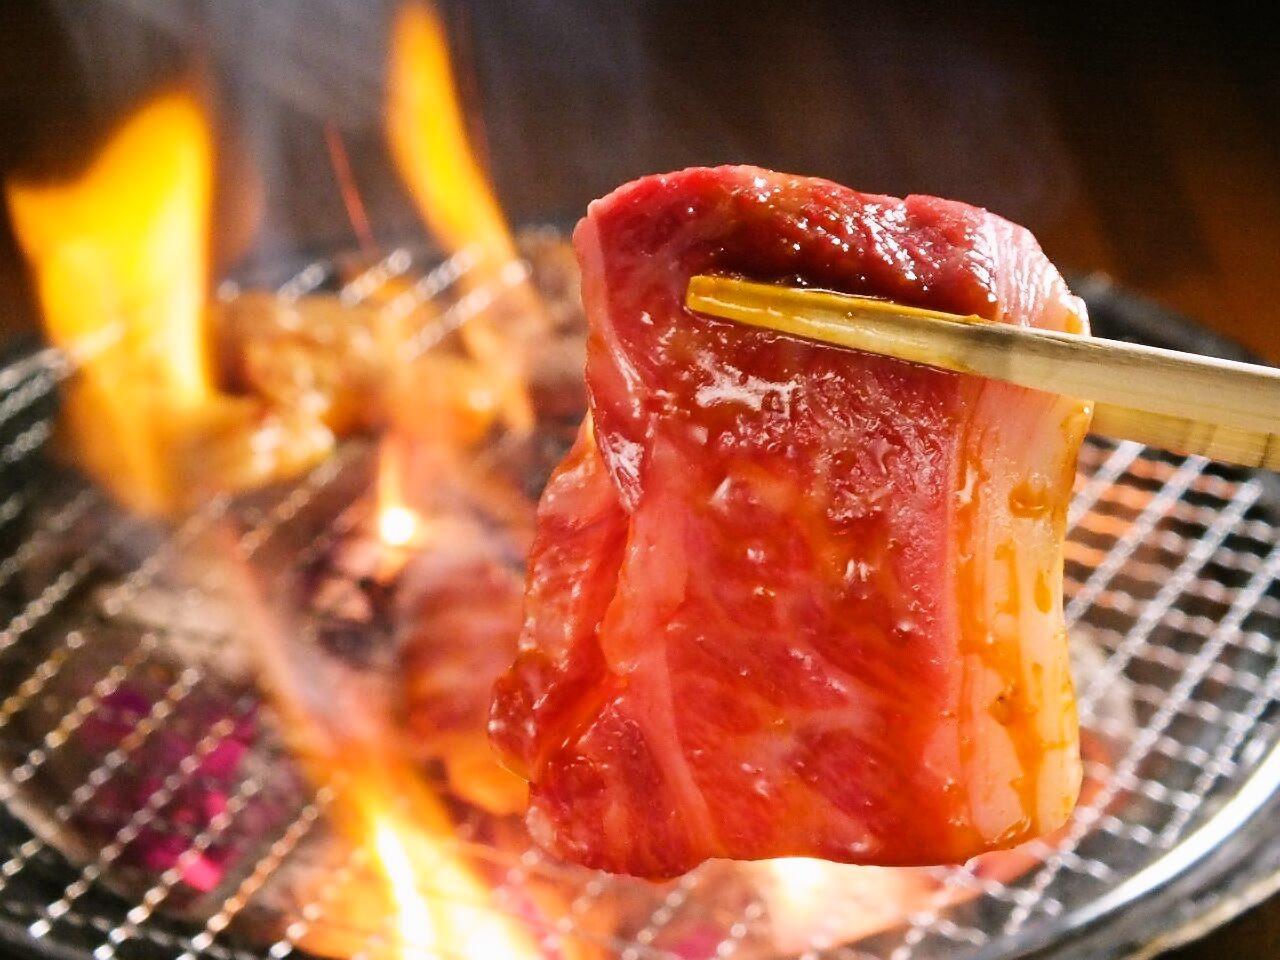 焼肉にもみだれをする必要性と種類、他の料理に使える意外性のサムネイル画像